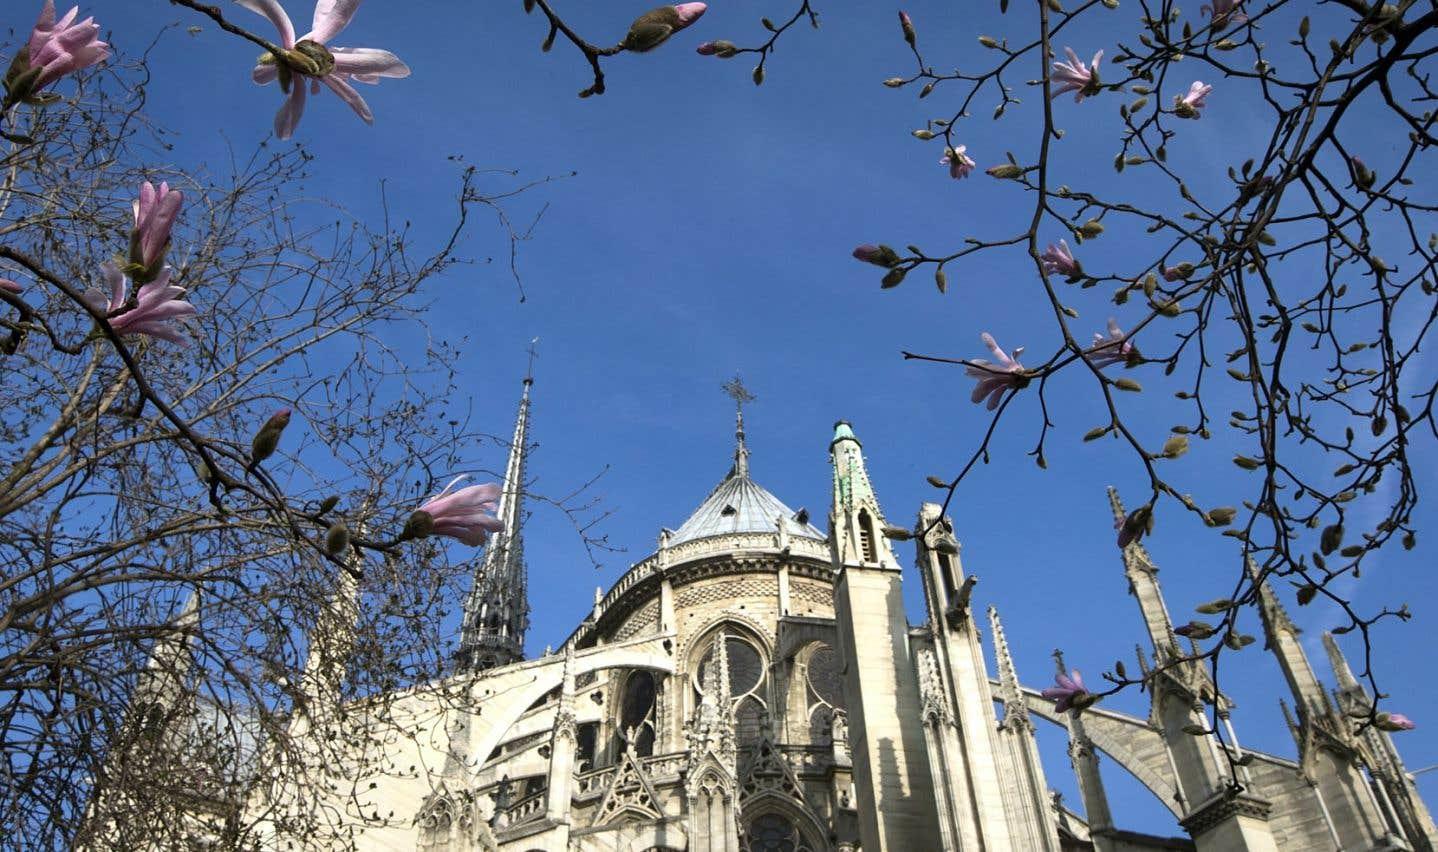 Des arbres fleurissent près de la cathédrale Notre-Dame, à Paris.